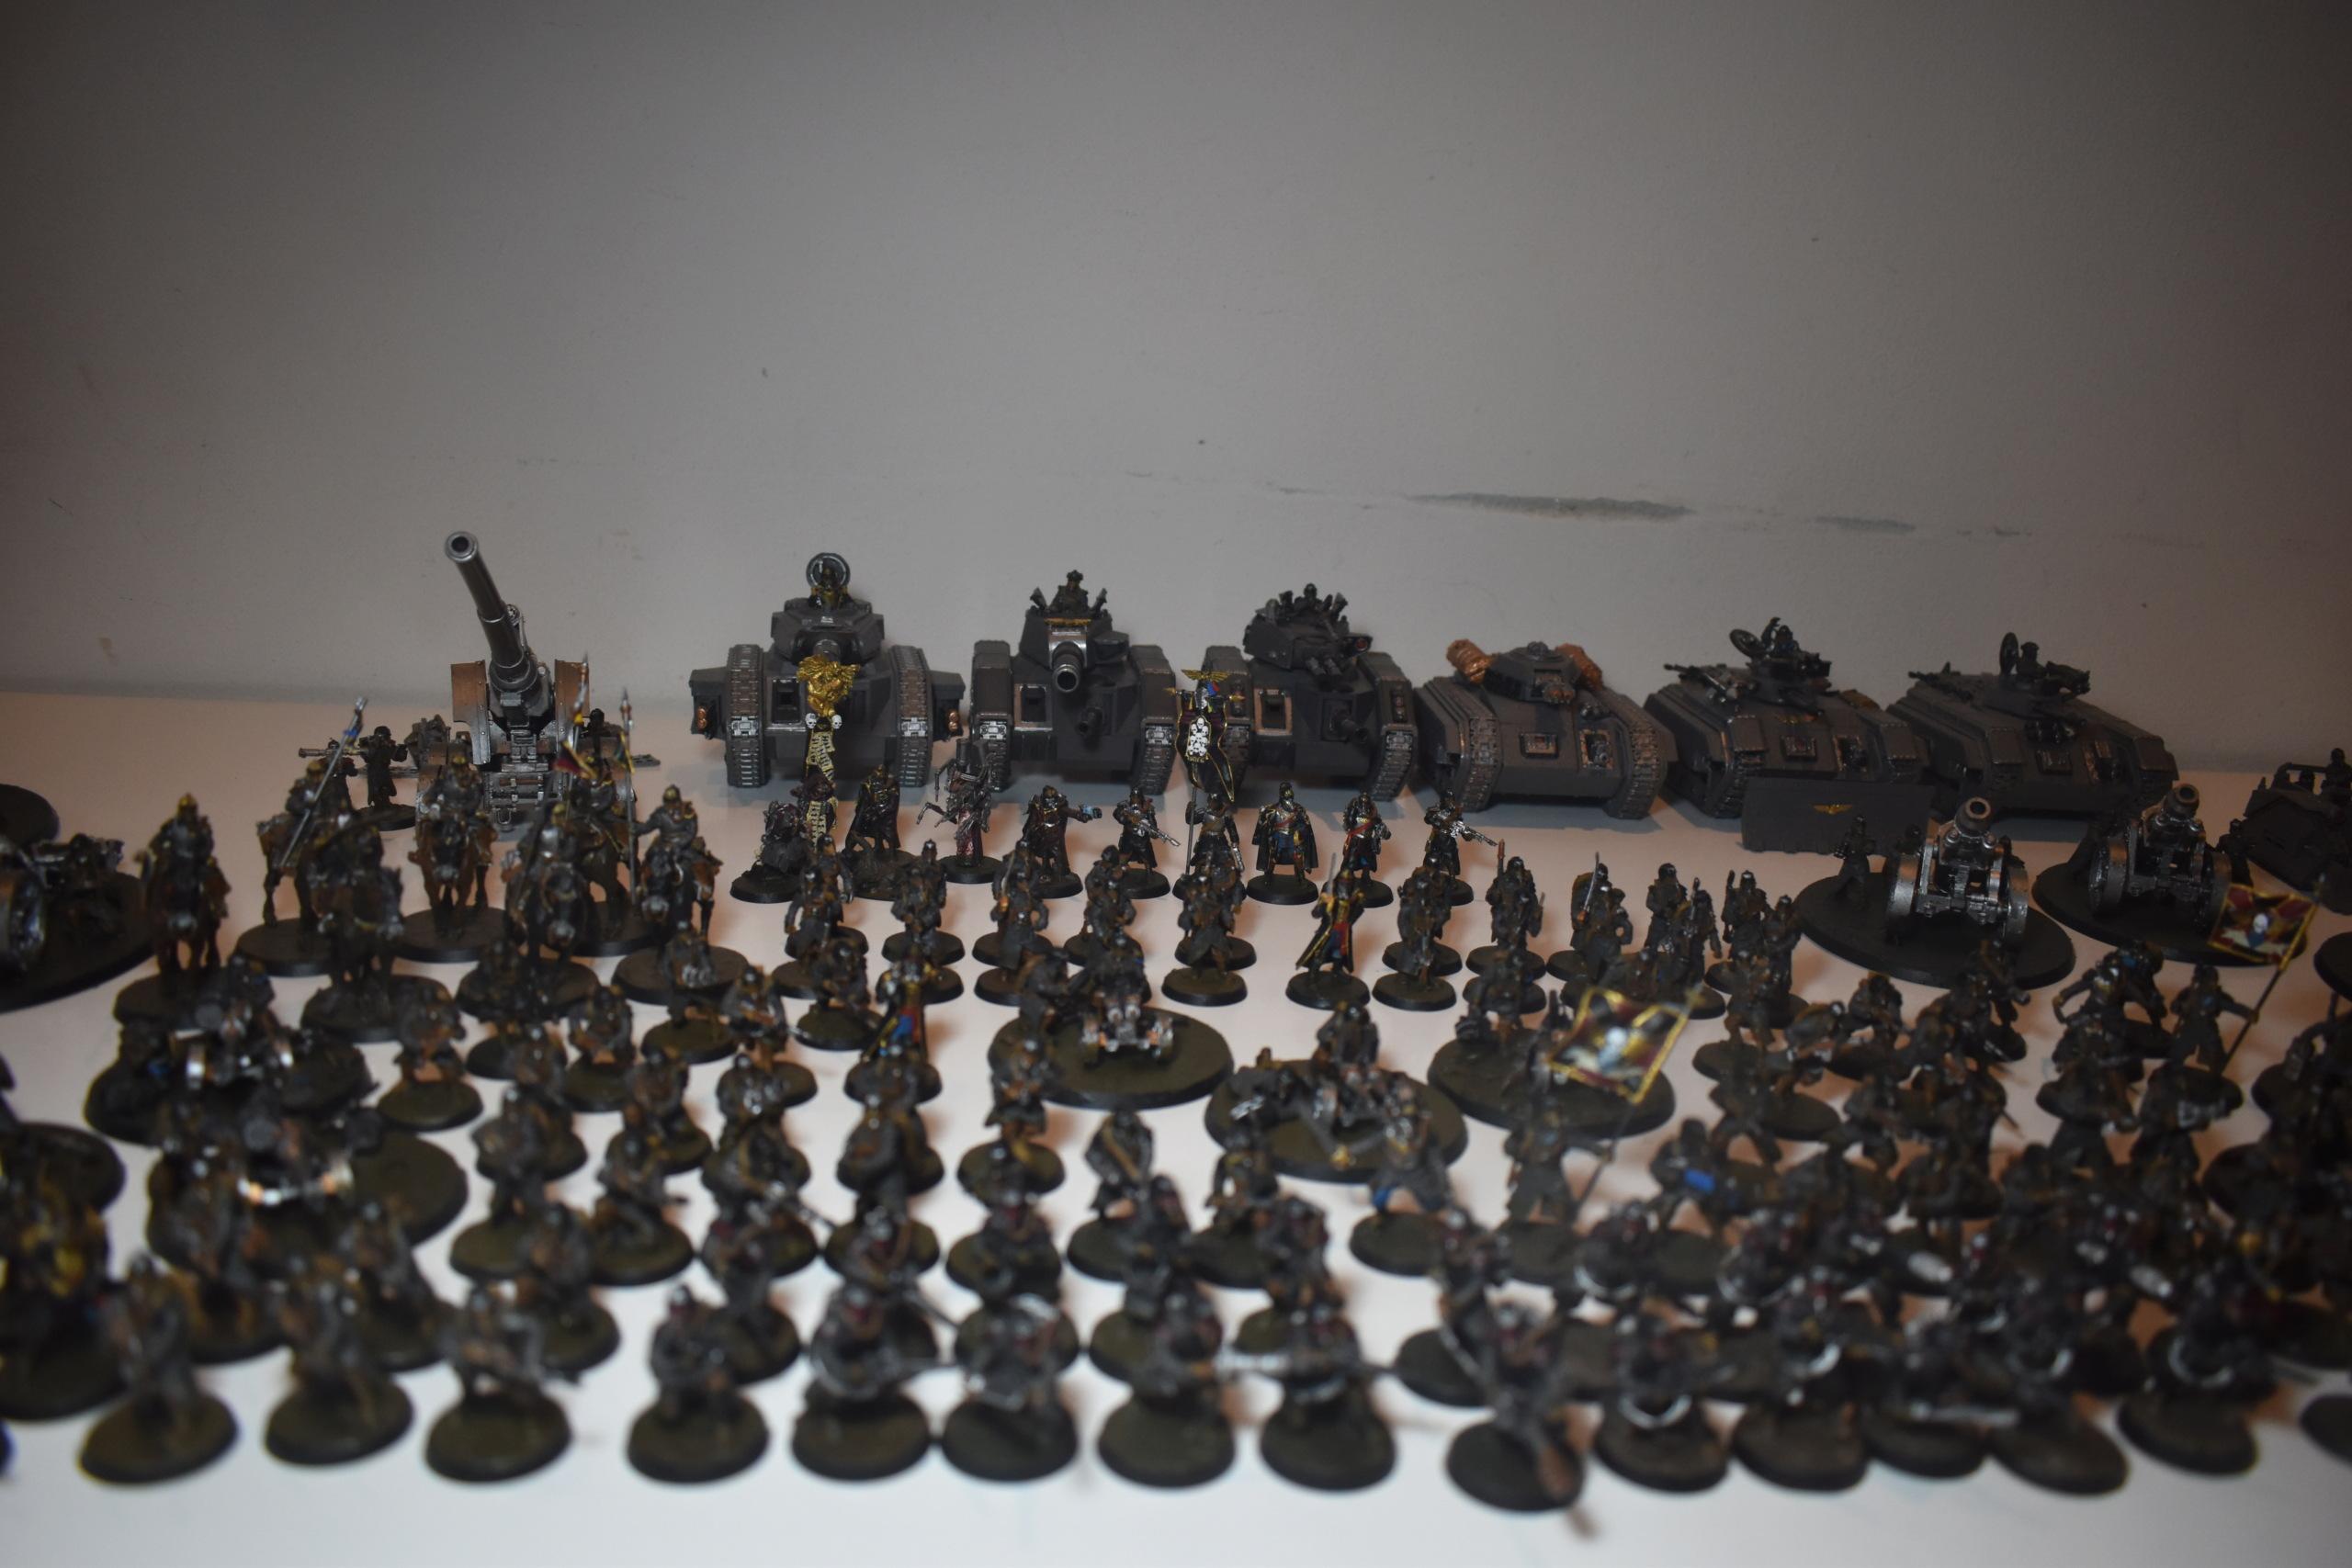 Les Armées de Nico. (Battle, 40K & HH) - Page 6 Dsc_0232